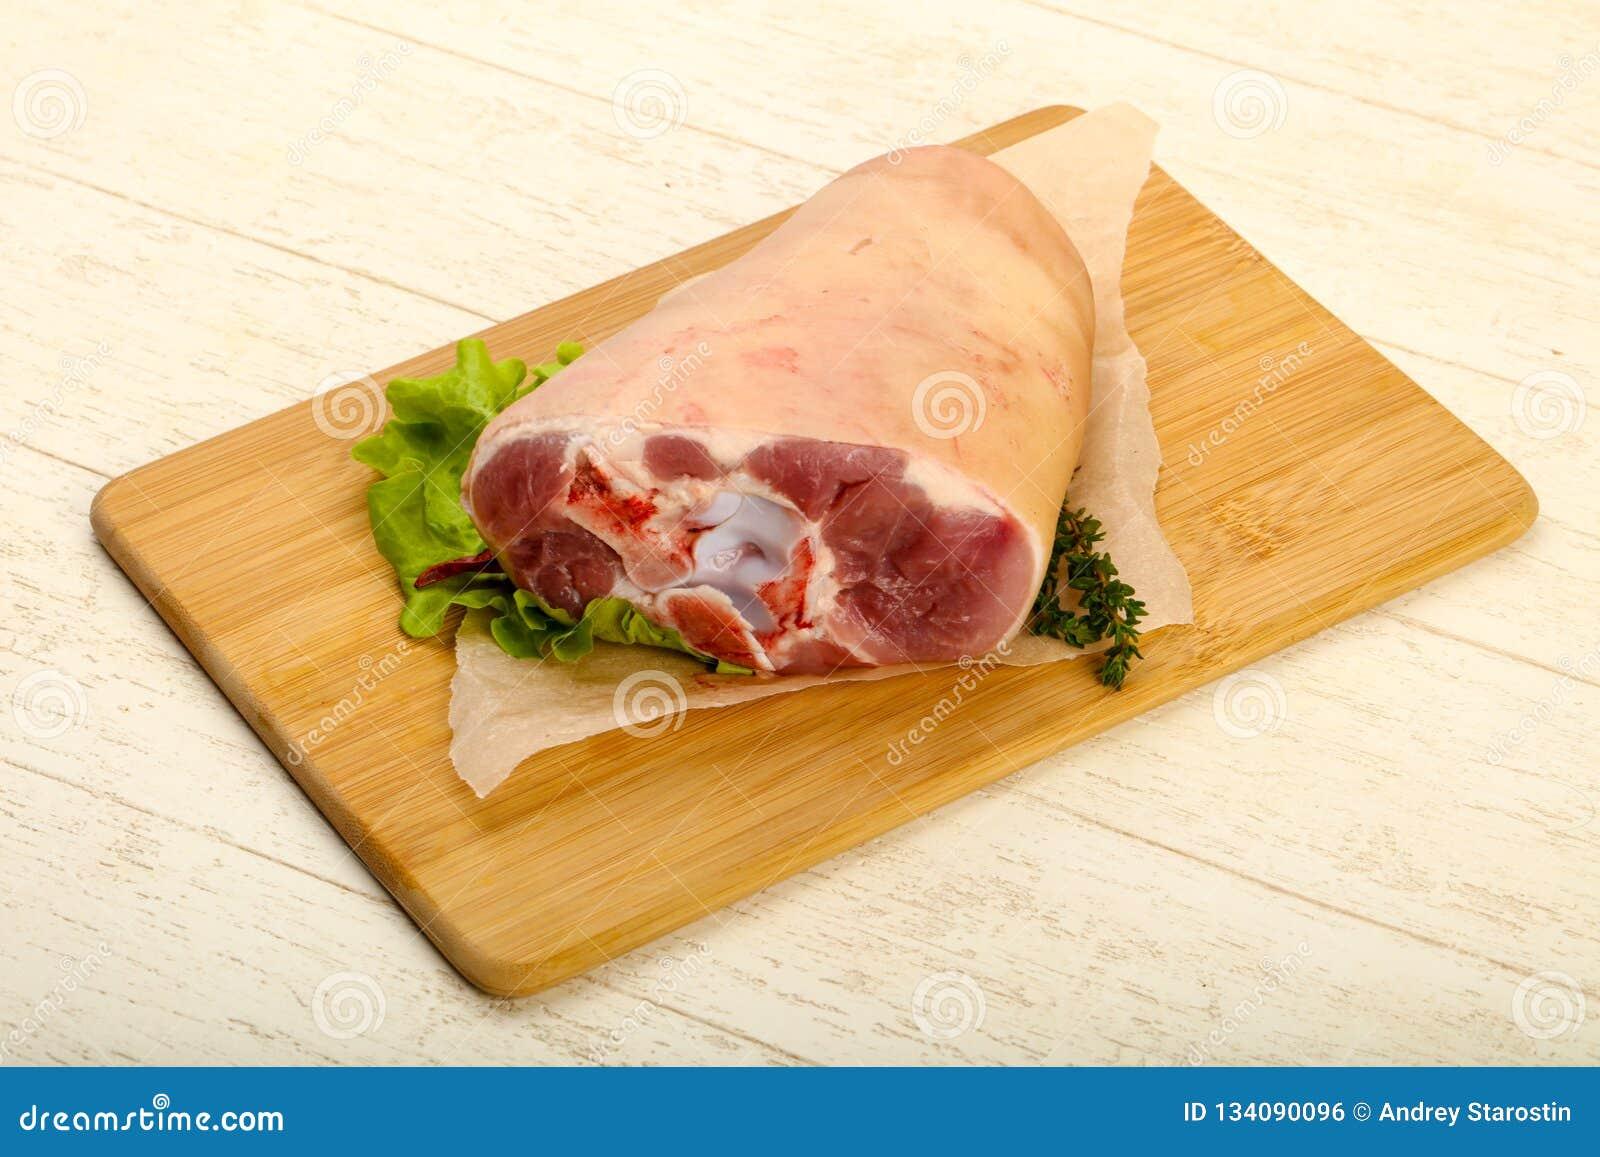 Ακατέργαστο γόνατο χοιρινού κρέατος